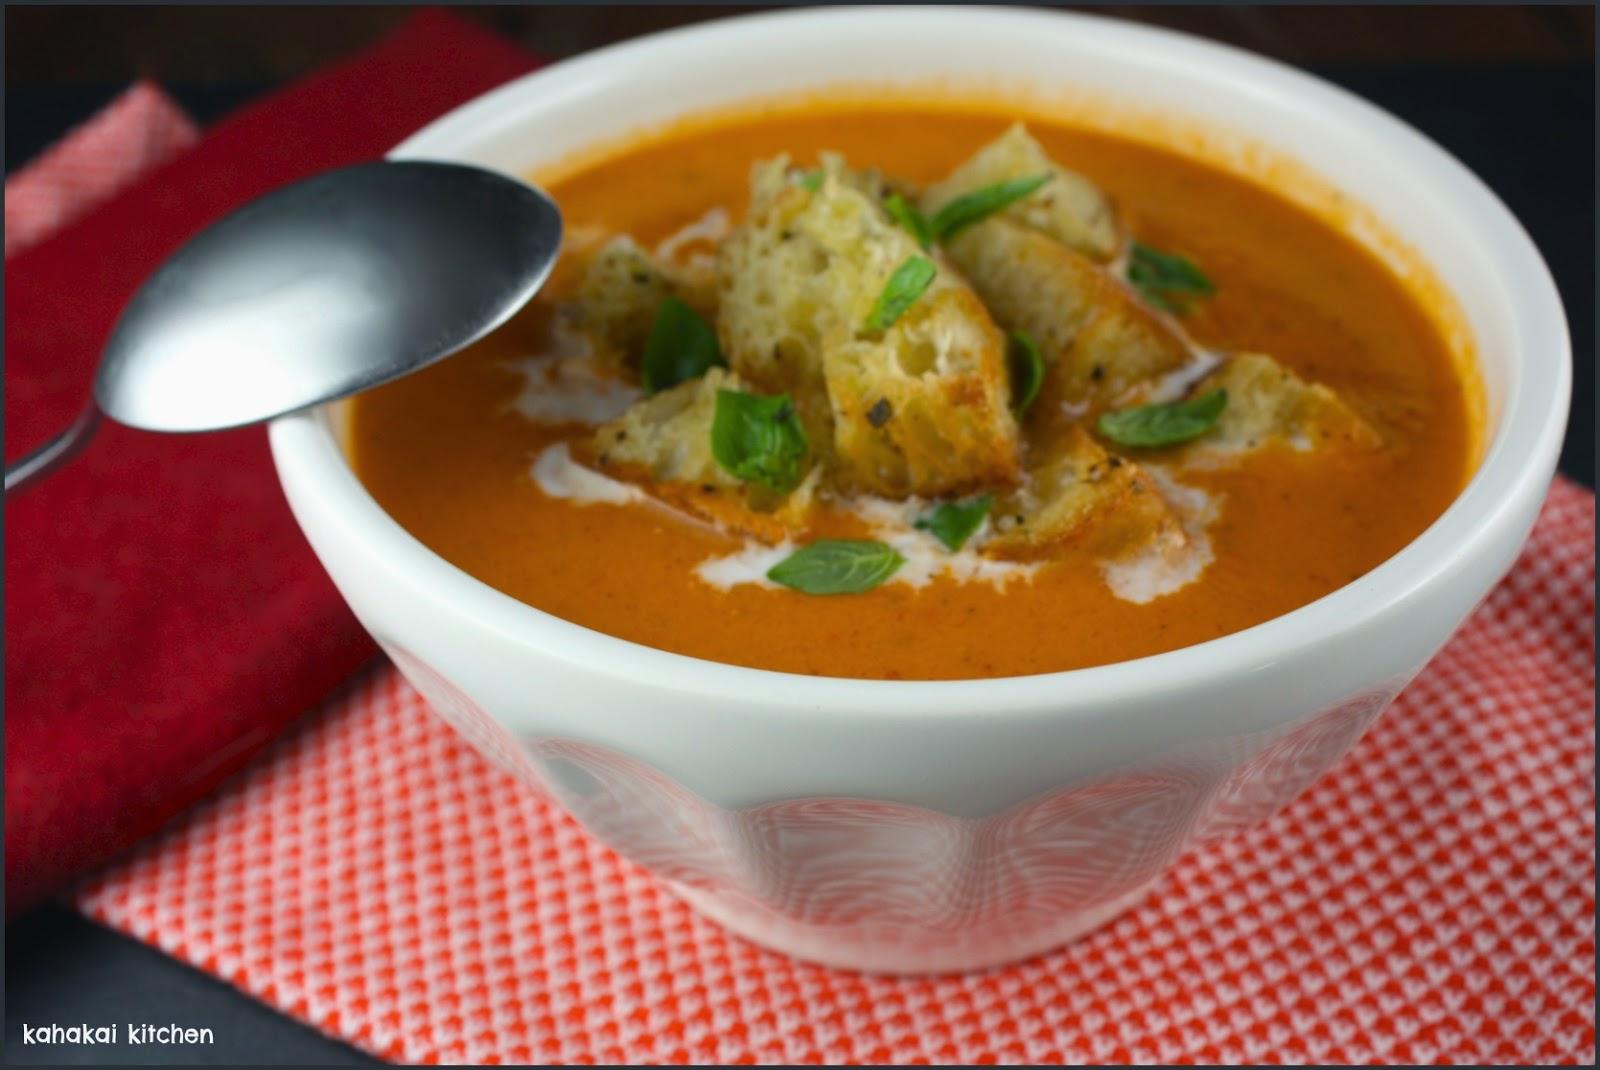 Kahakai Kitchen: Creamy, Spicy Tomato Soup (Zuppa Di ...